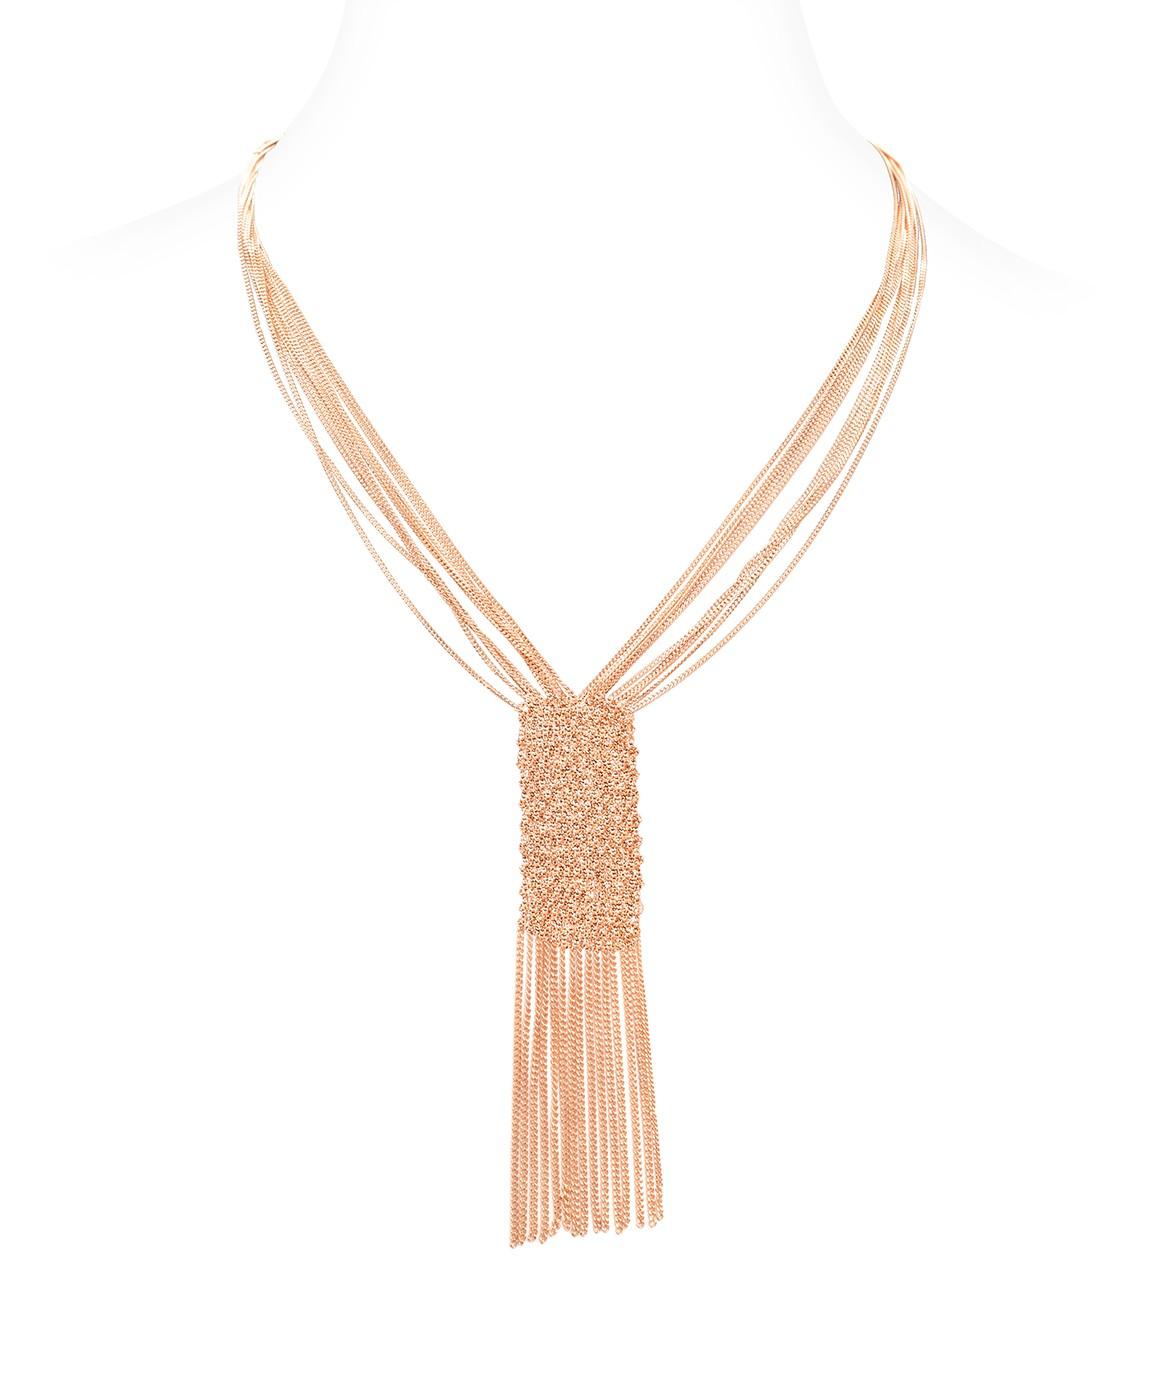 Collana CUVEE in Argento 925 bagno oro Rosa 14Kt.